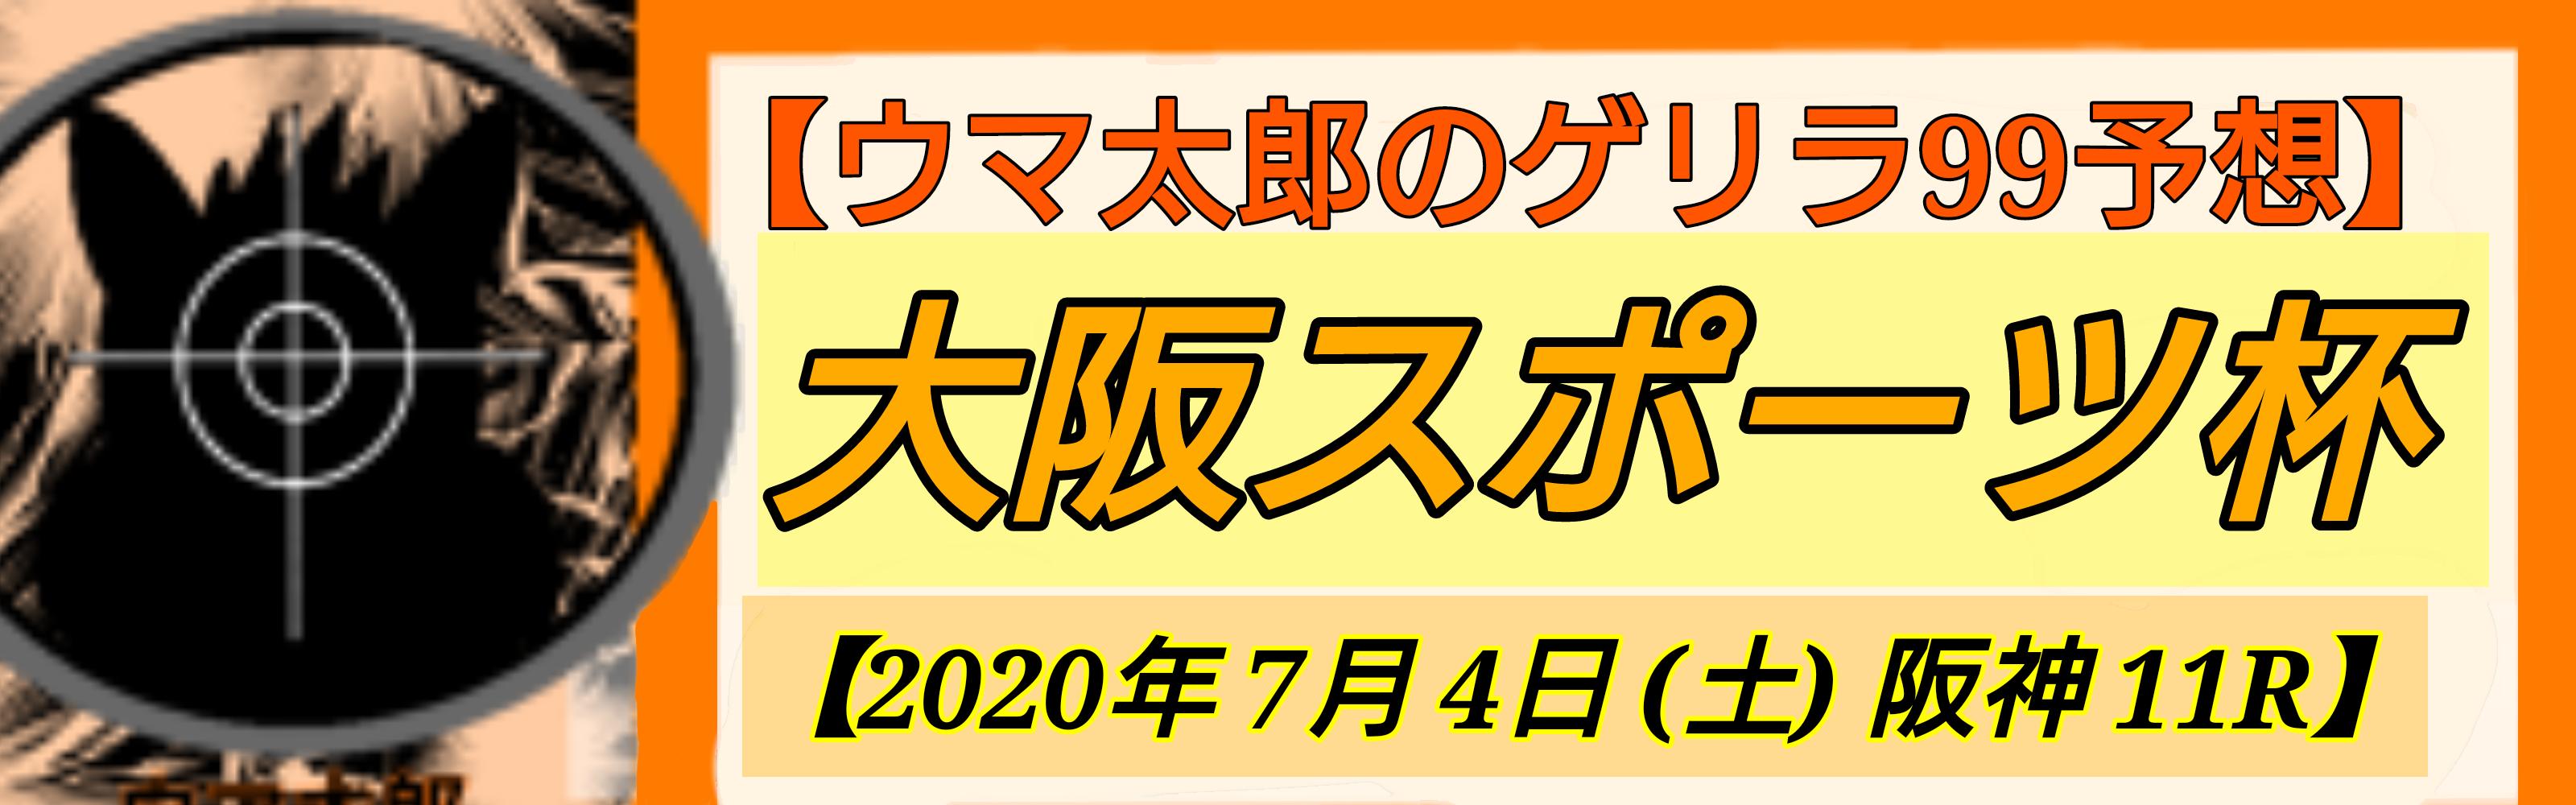 ゲリラ99予想 大阪スポーツ杯